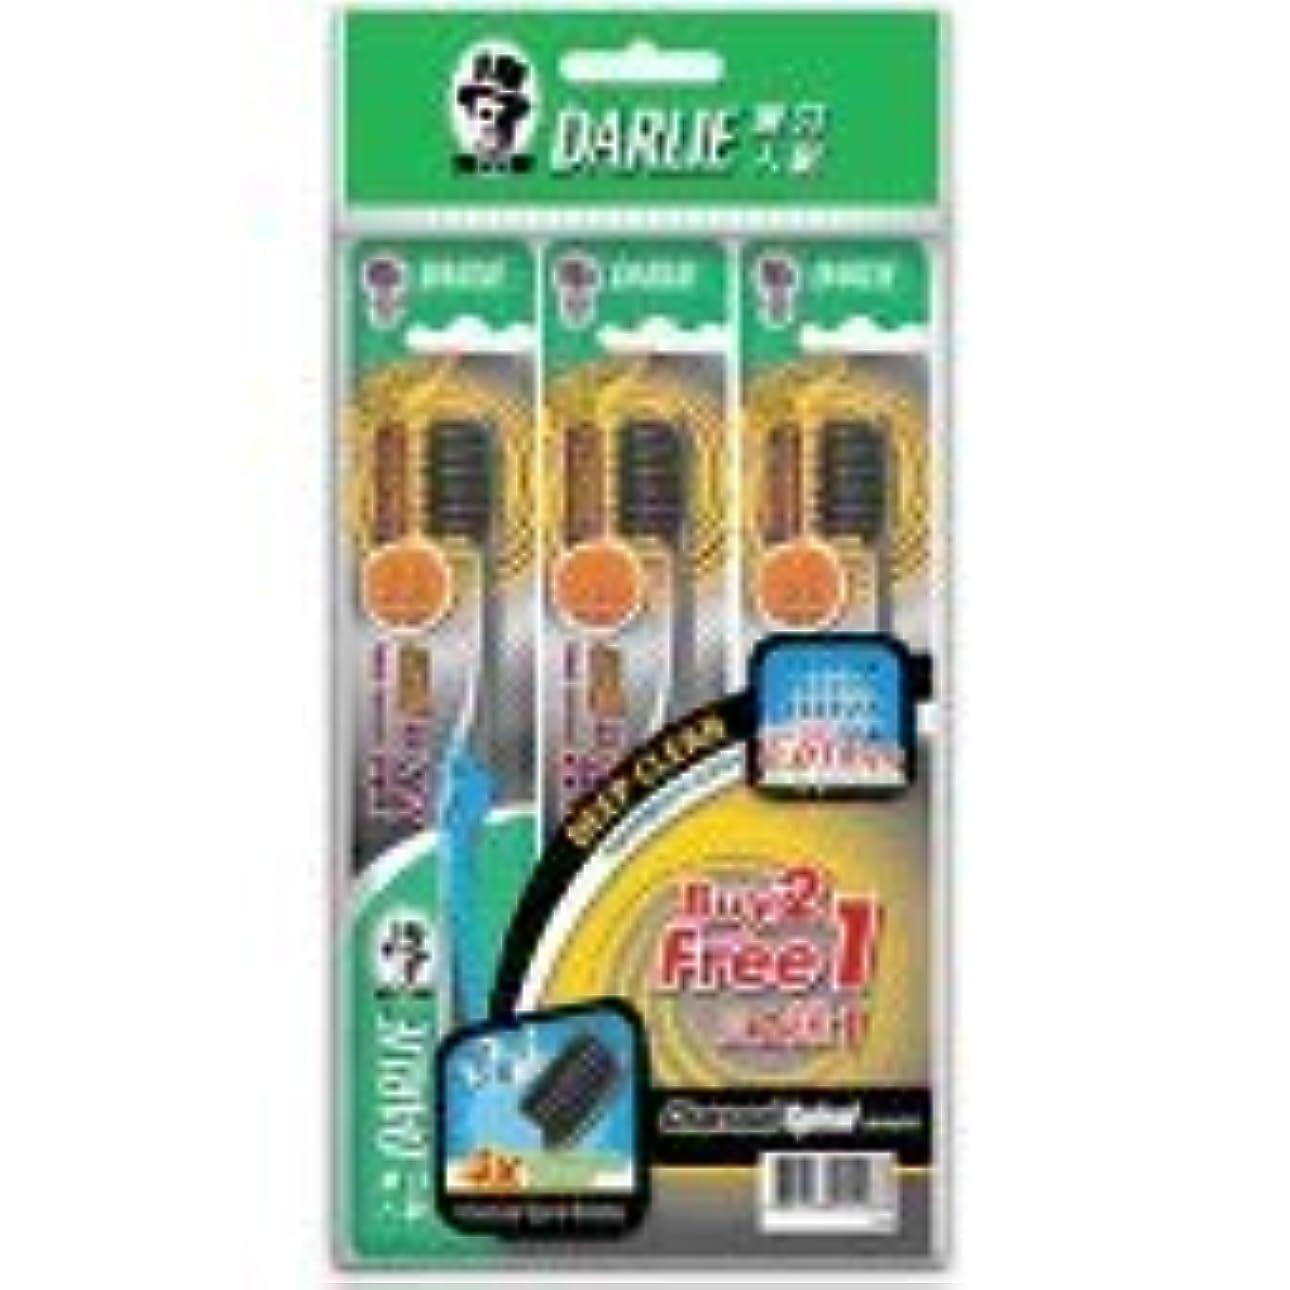 の配列有効な疑い者DARLIE 歯の間に深く達する歯ブラシ炭スパイラル b2f1